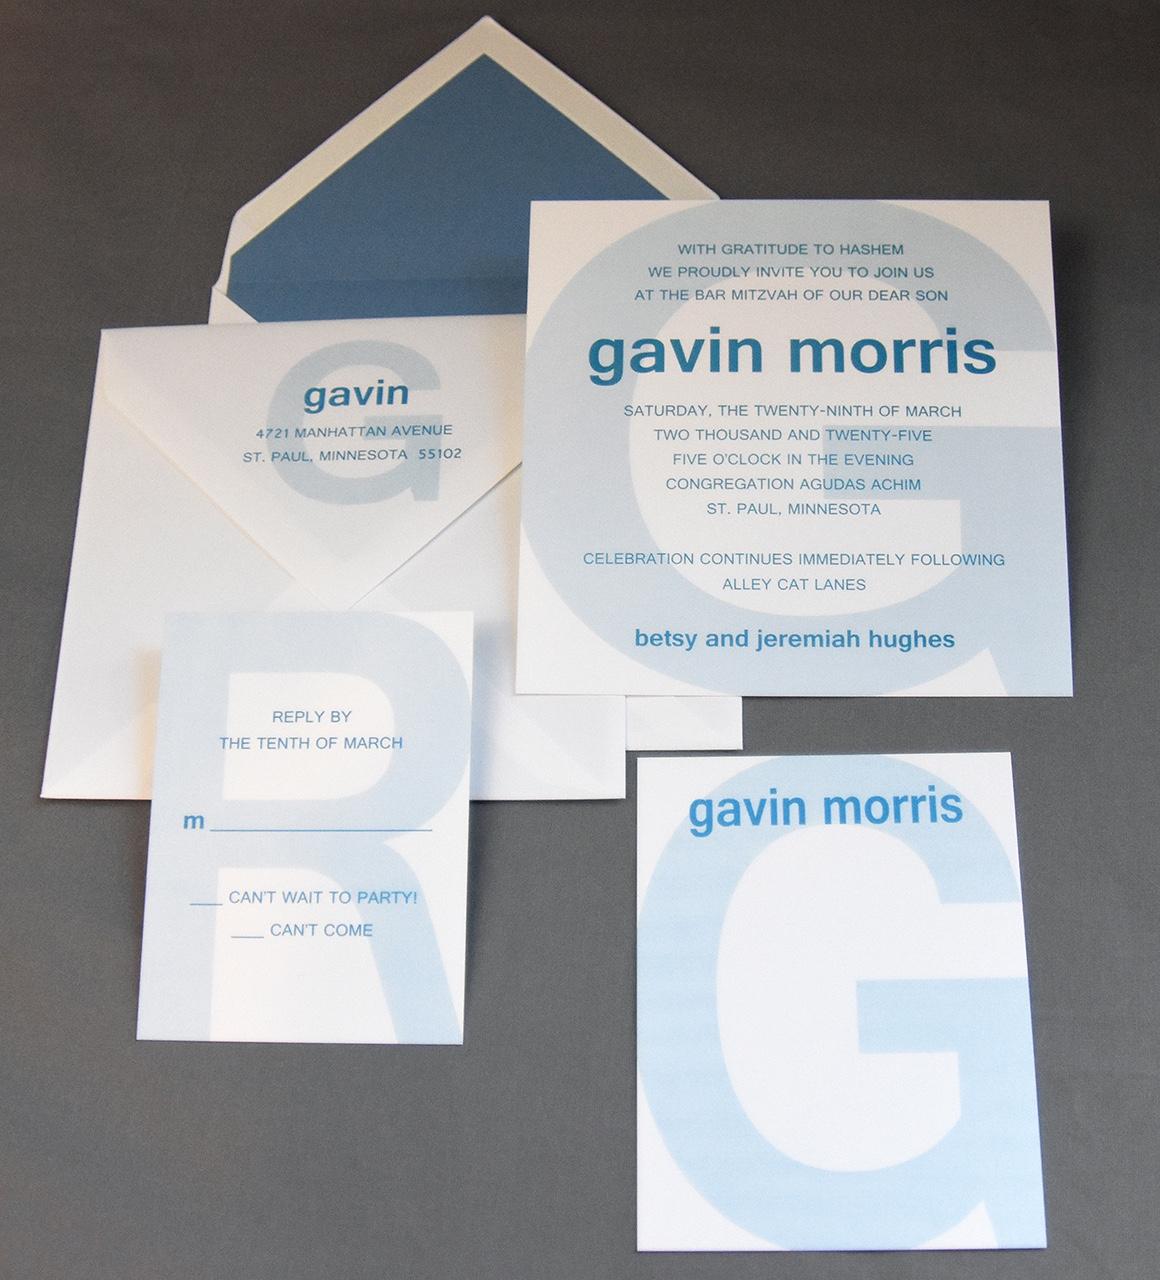 Gavin Morris Set